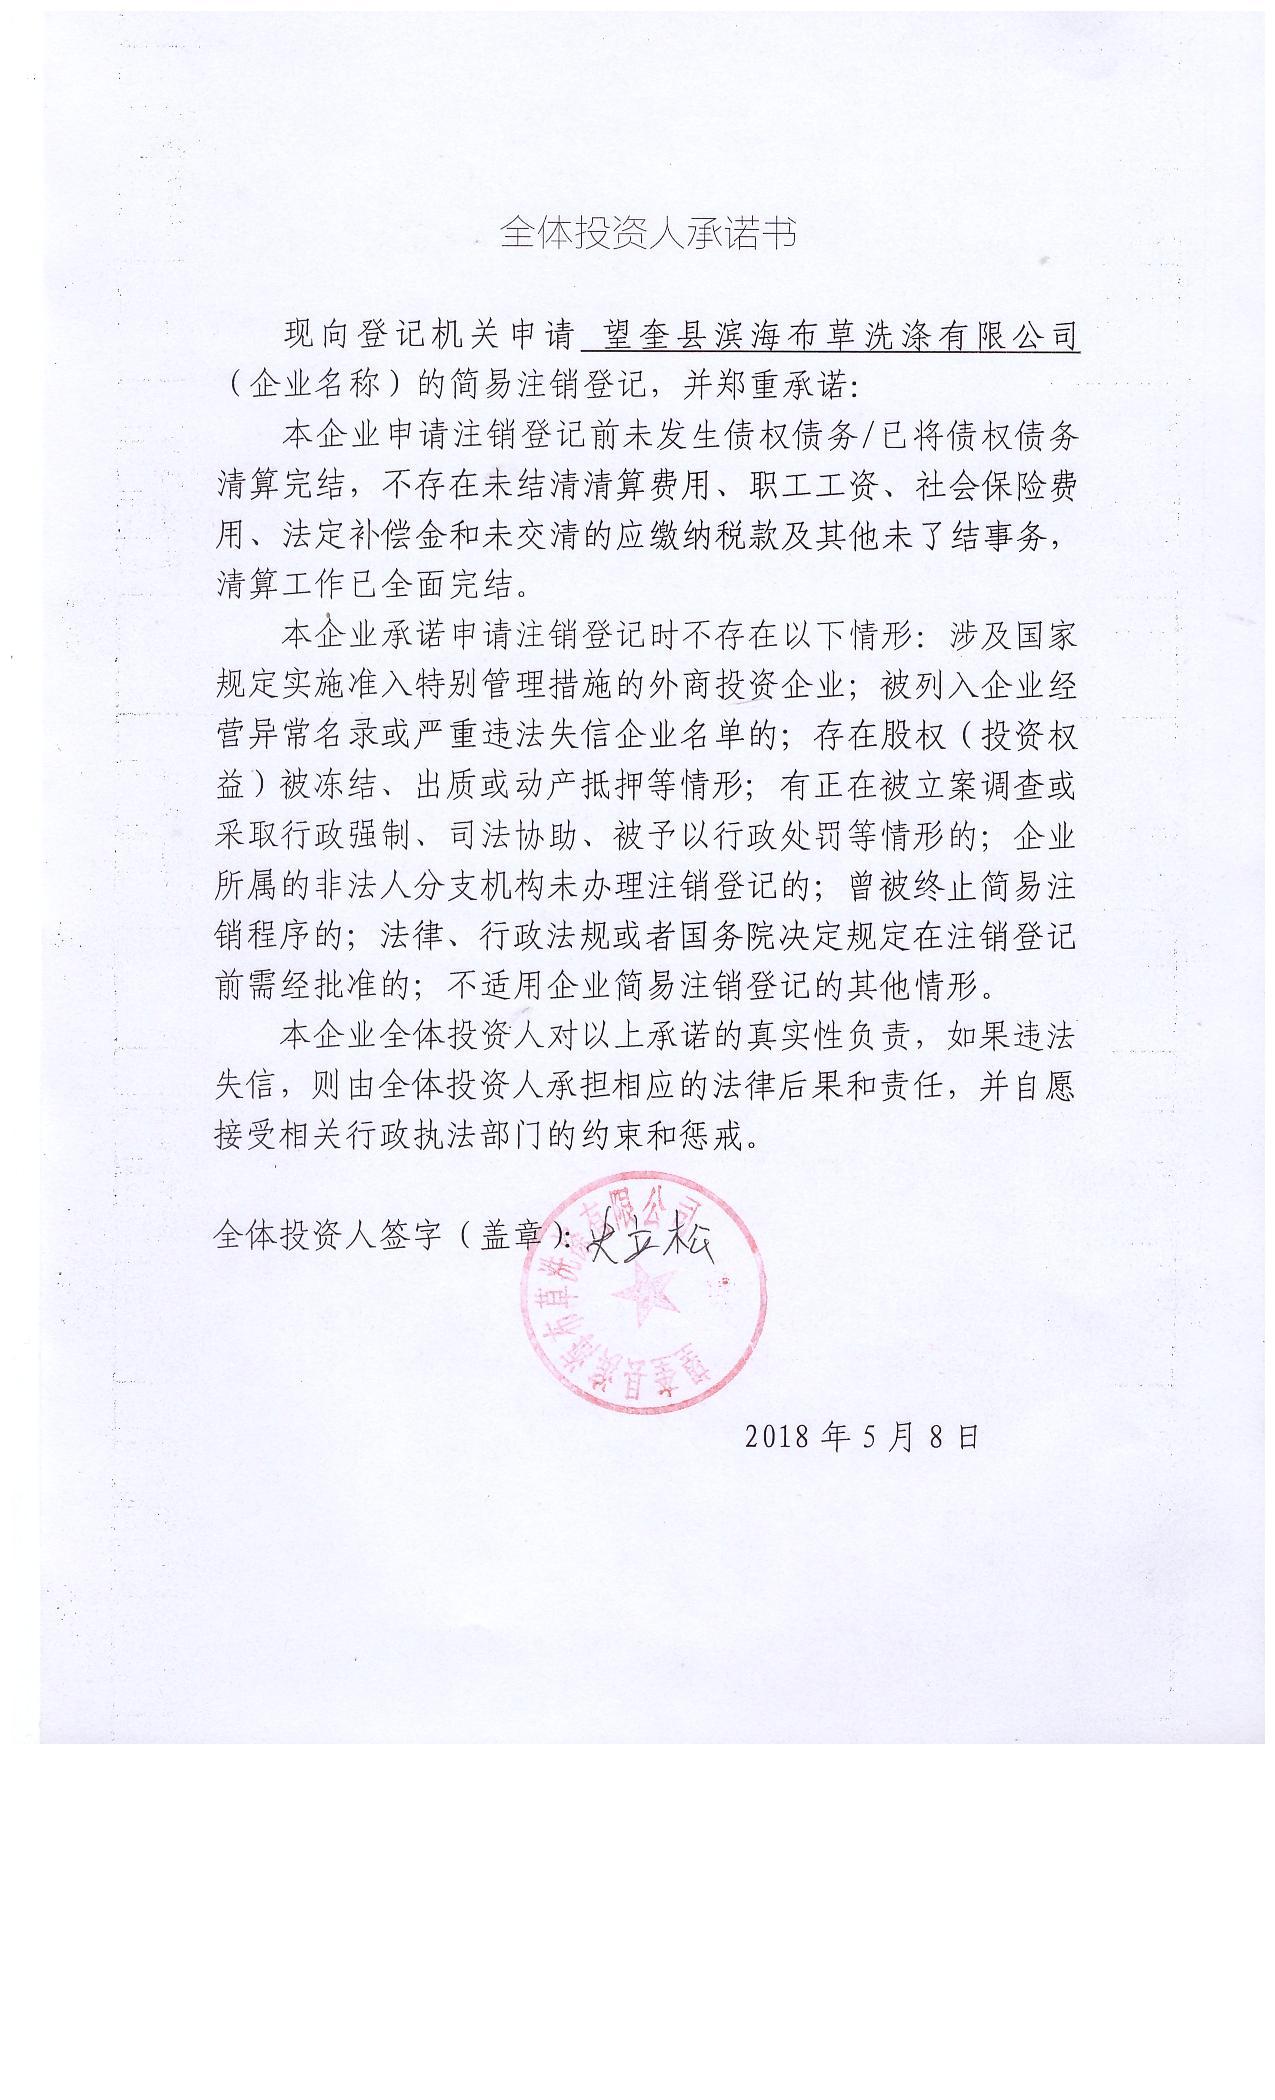 统一社会信用代码/注册号 9123122130858791xg 登记机关 黑龙江省望奎